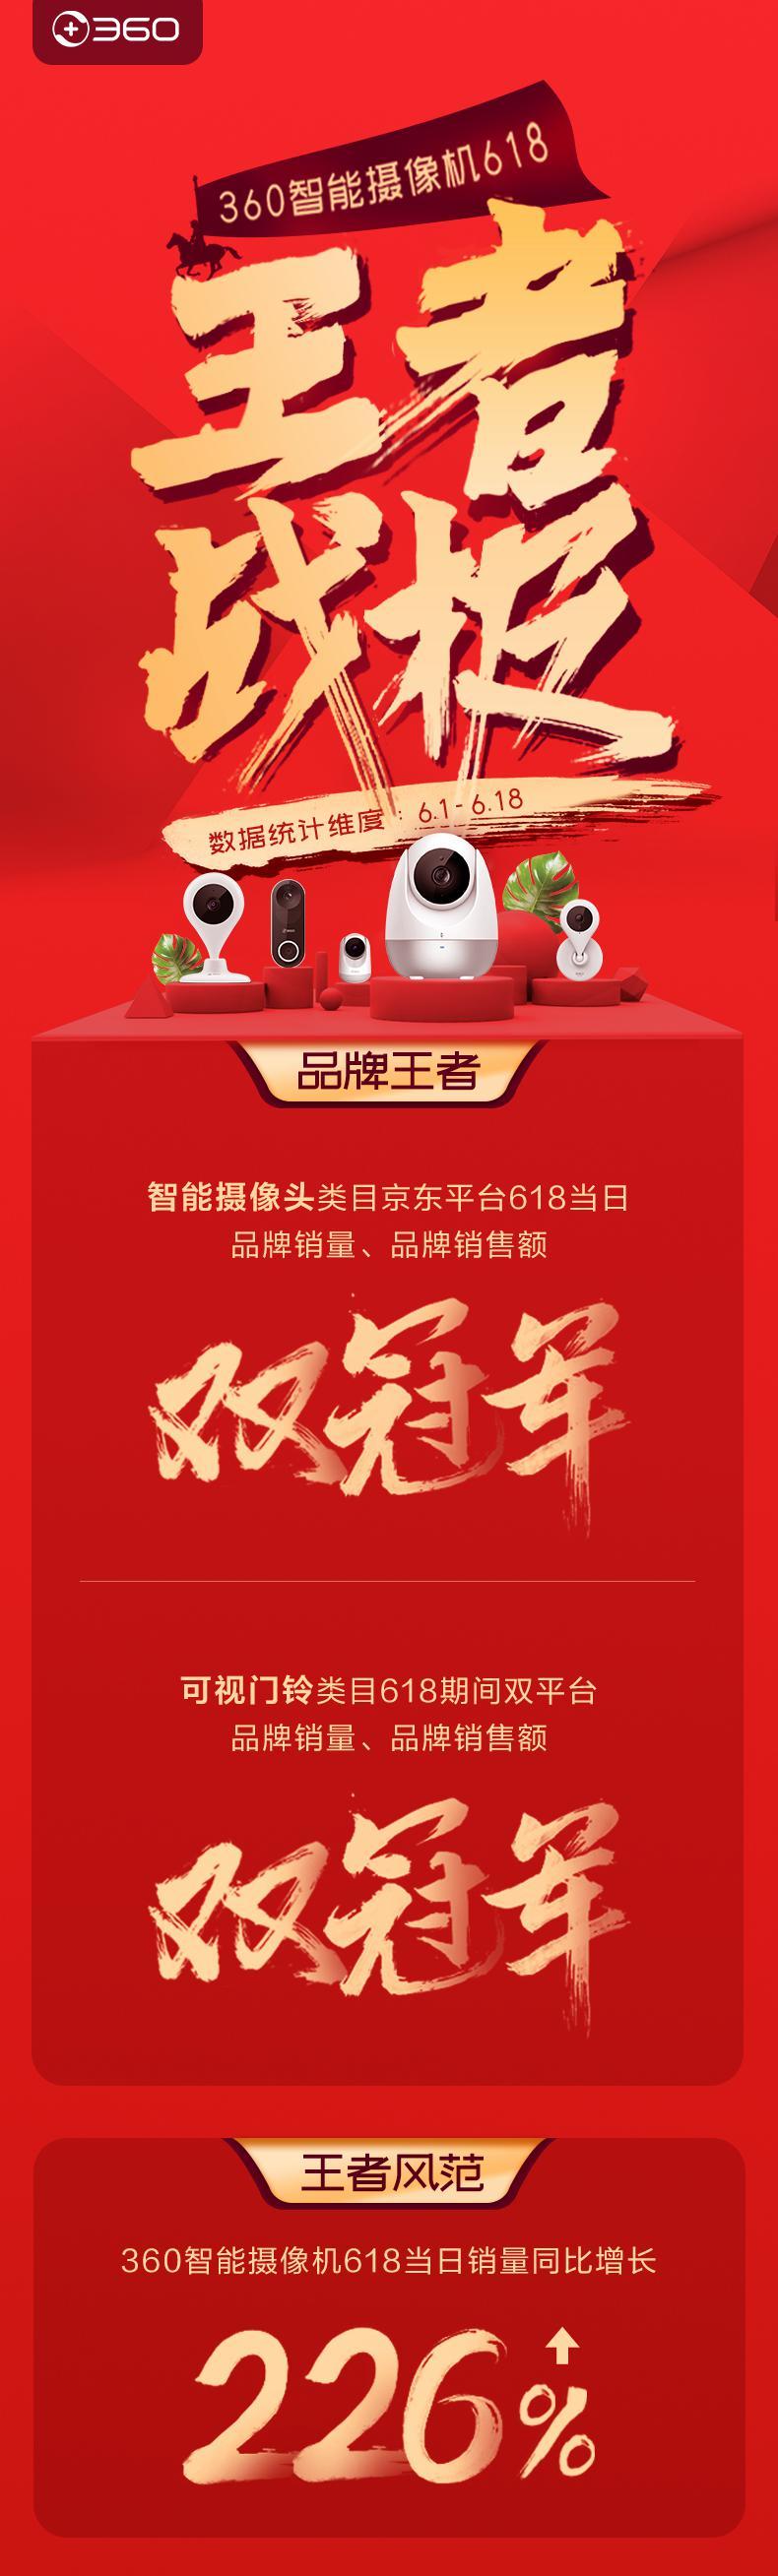 亚博app下载:360可视门铃卖疯了!360可视门铃卖疯了! 618期间拿下销售额、销量双第一 618期间拿下销售额、销量双第一